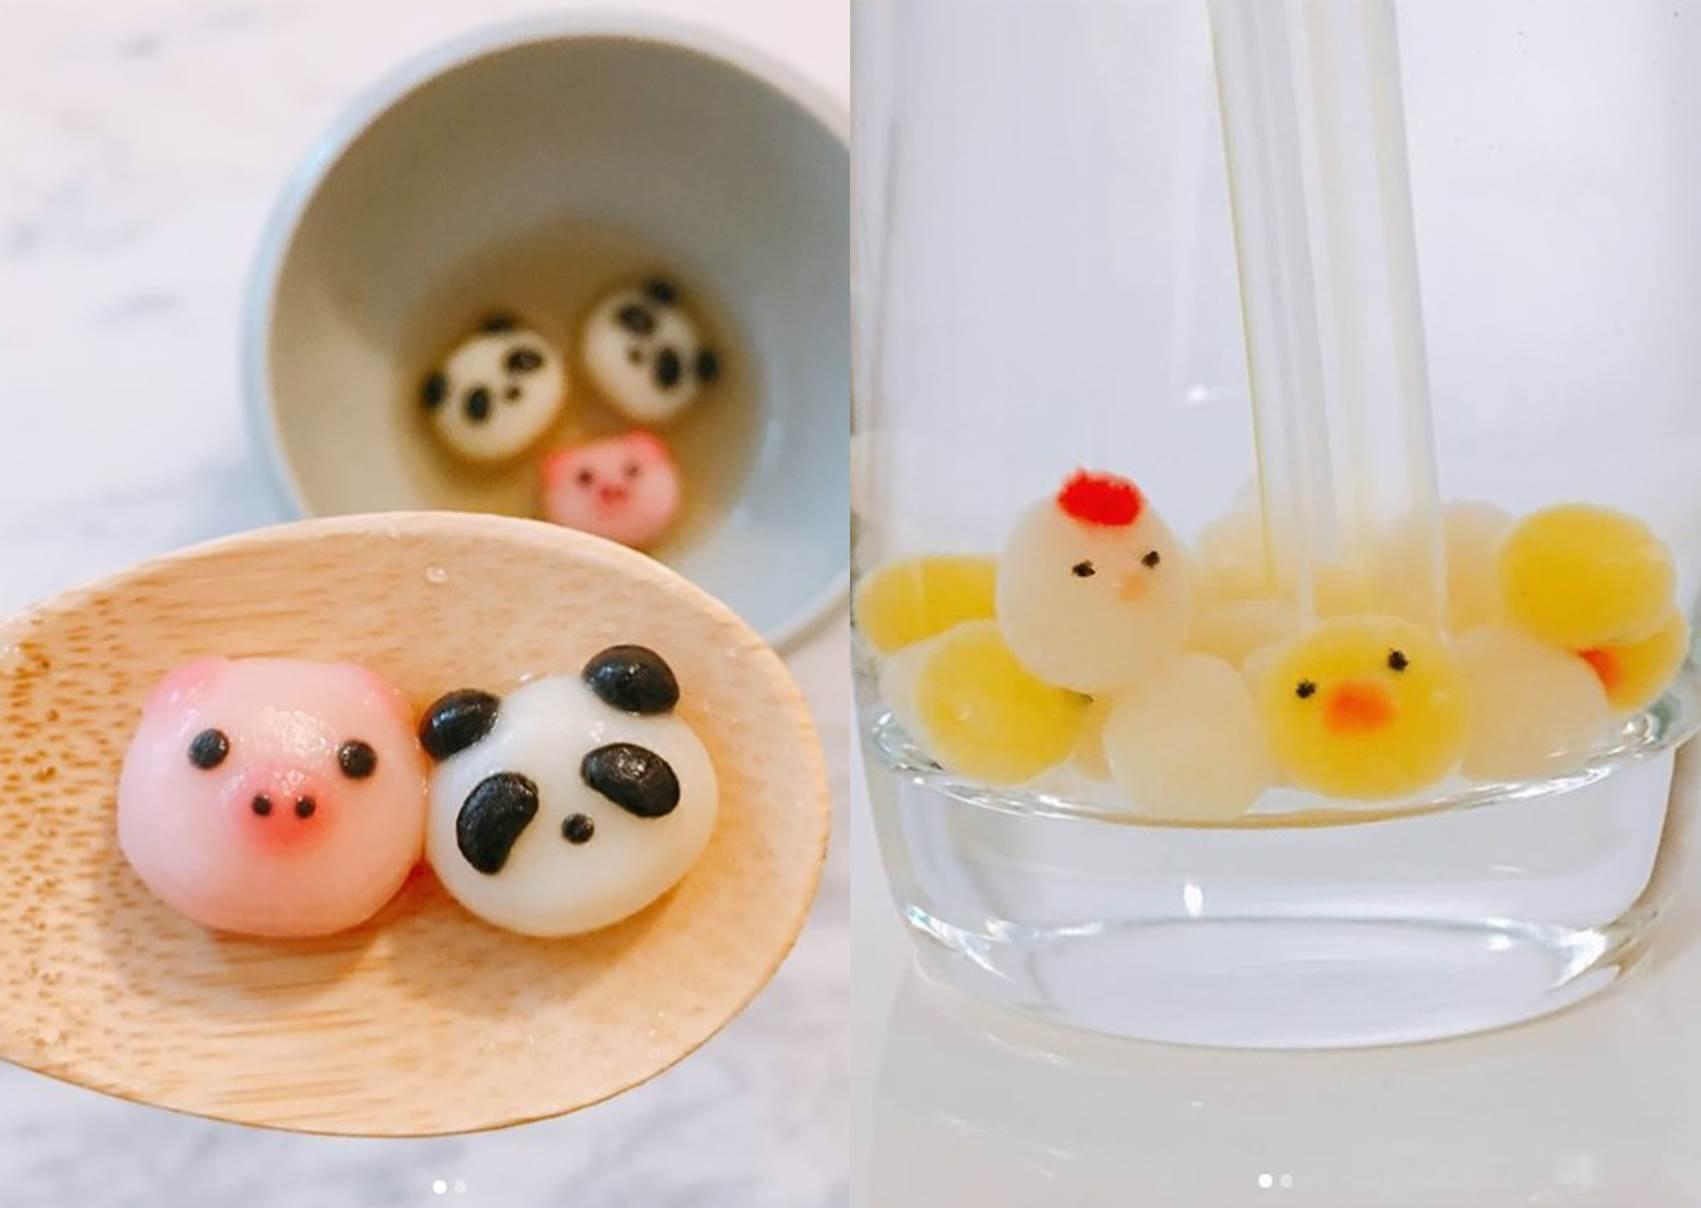 來點不一樣的珍奶吧❤特搜超繽紛的動物珍珠系列,這款熊貓、豬豬造型你捨得咬嗎?